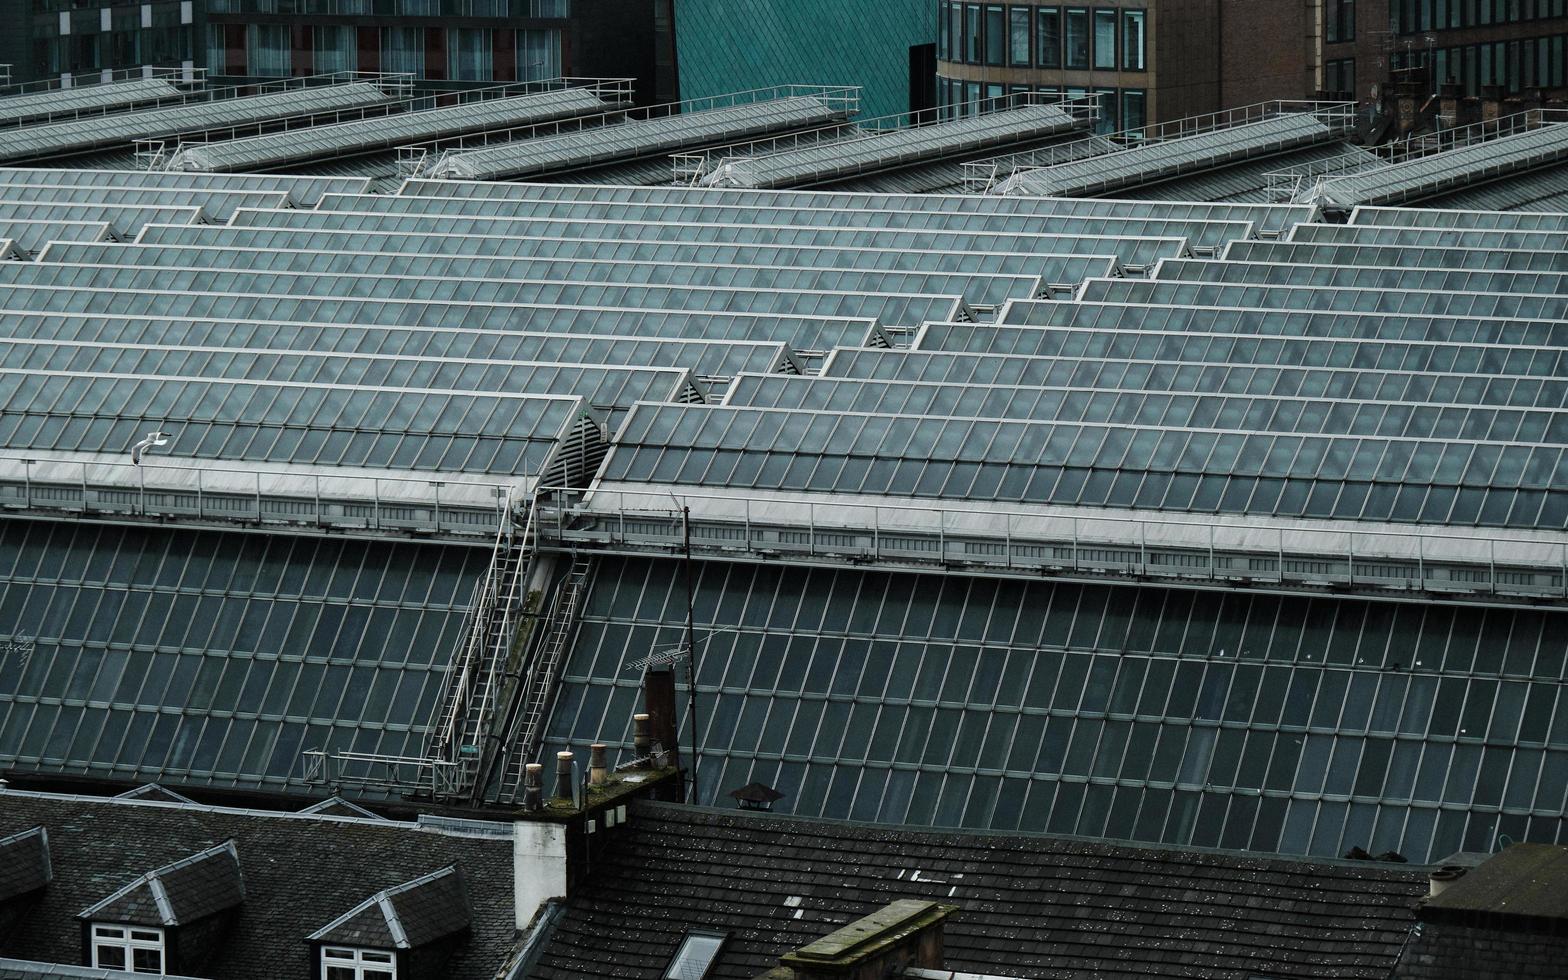 Glasgow, Schottland, 2020 - Sonnenkollektoren in einer Stadt foto